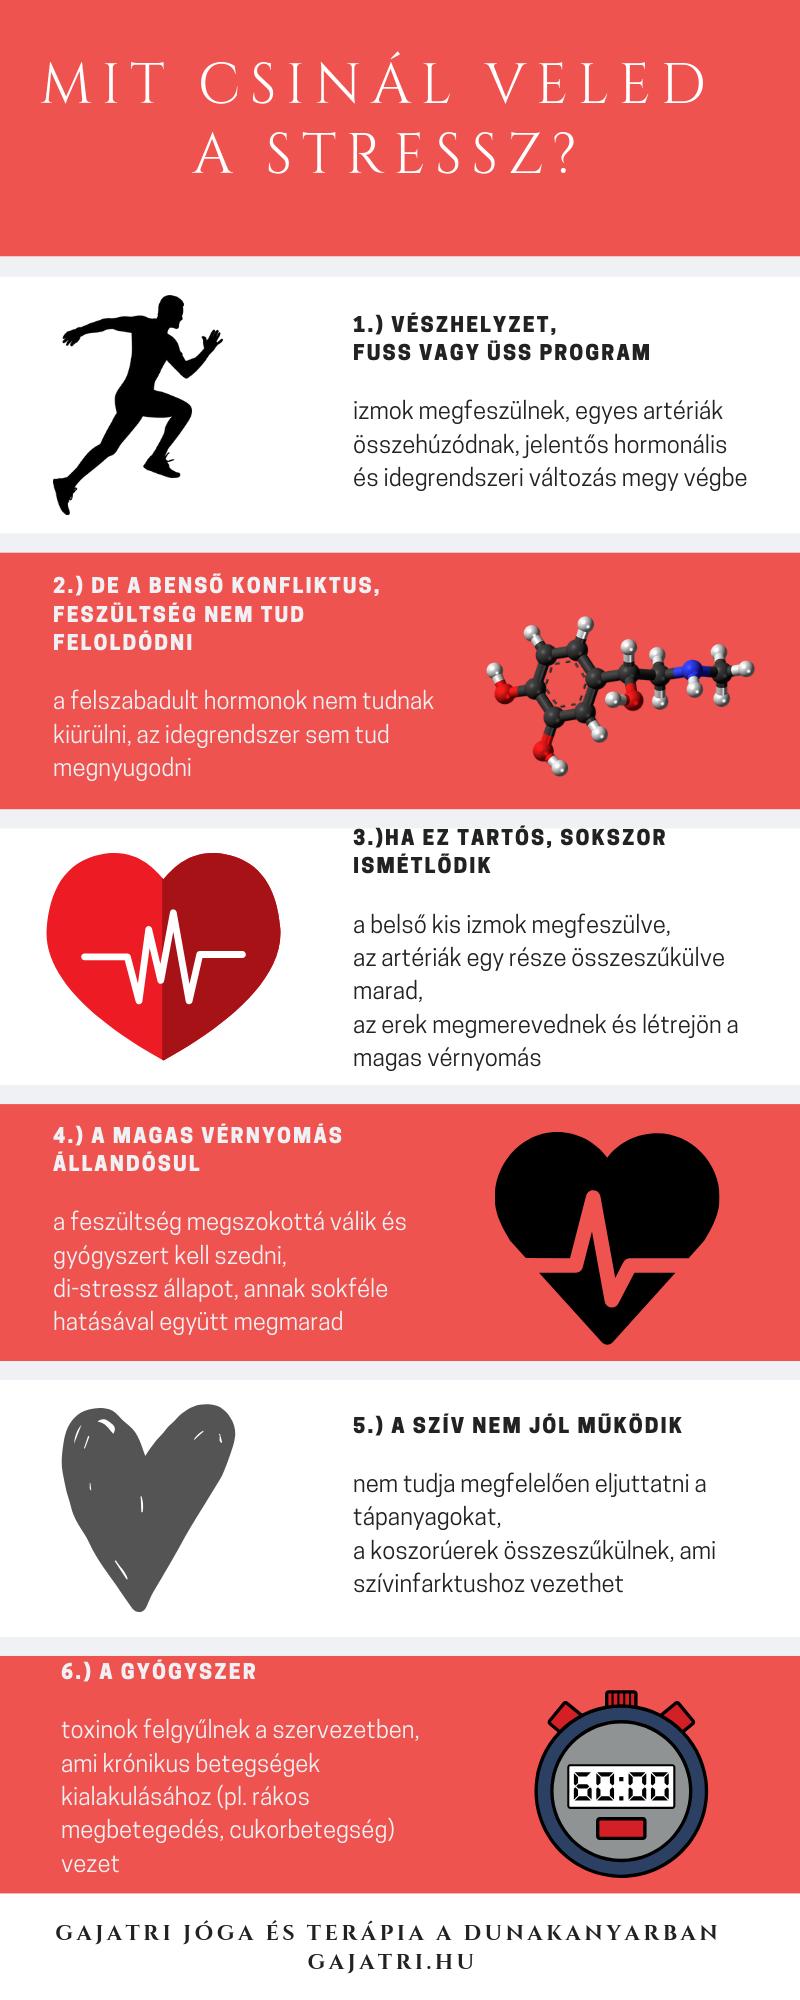 ZOFIPRESS 30 mg filmtabletta